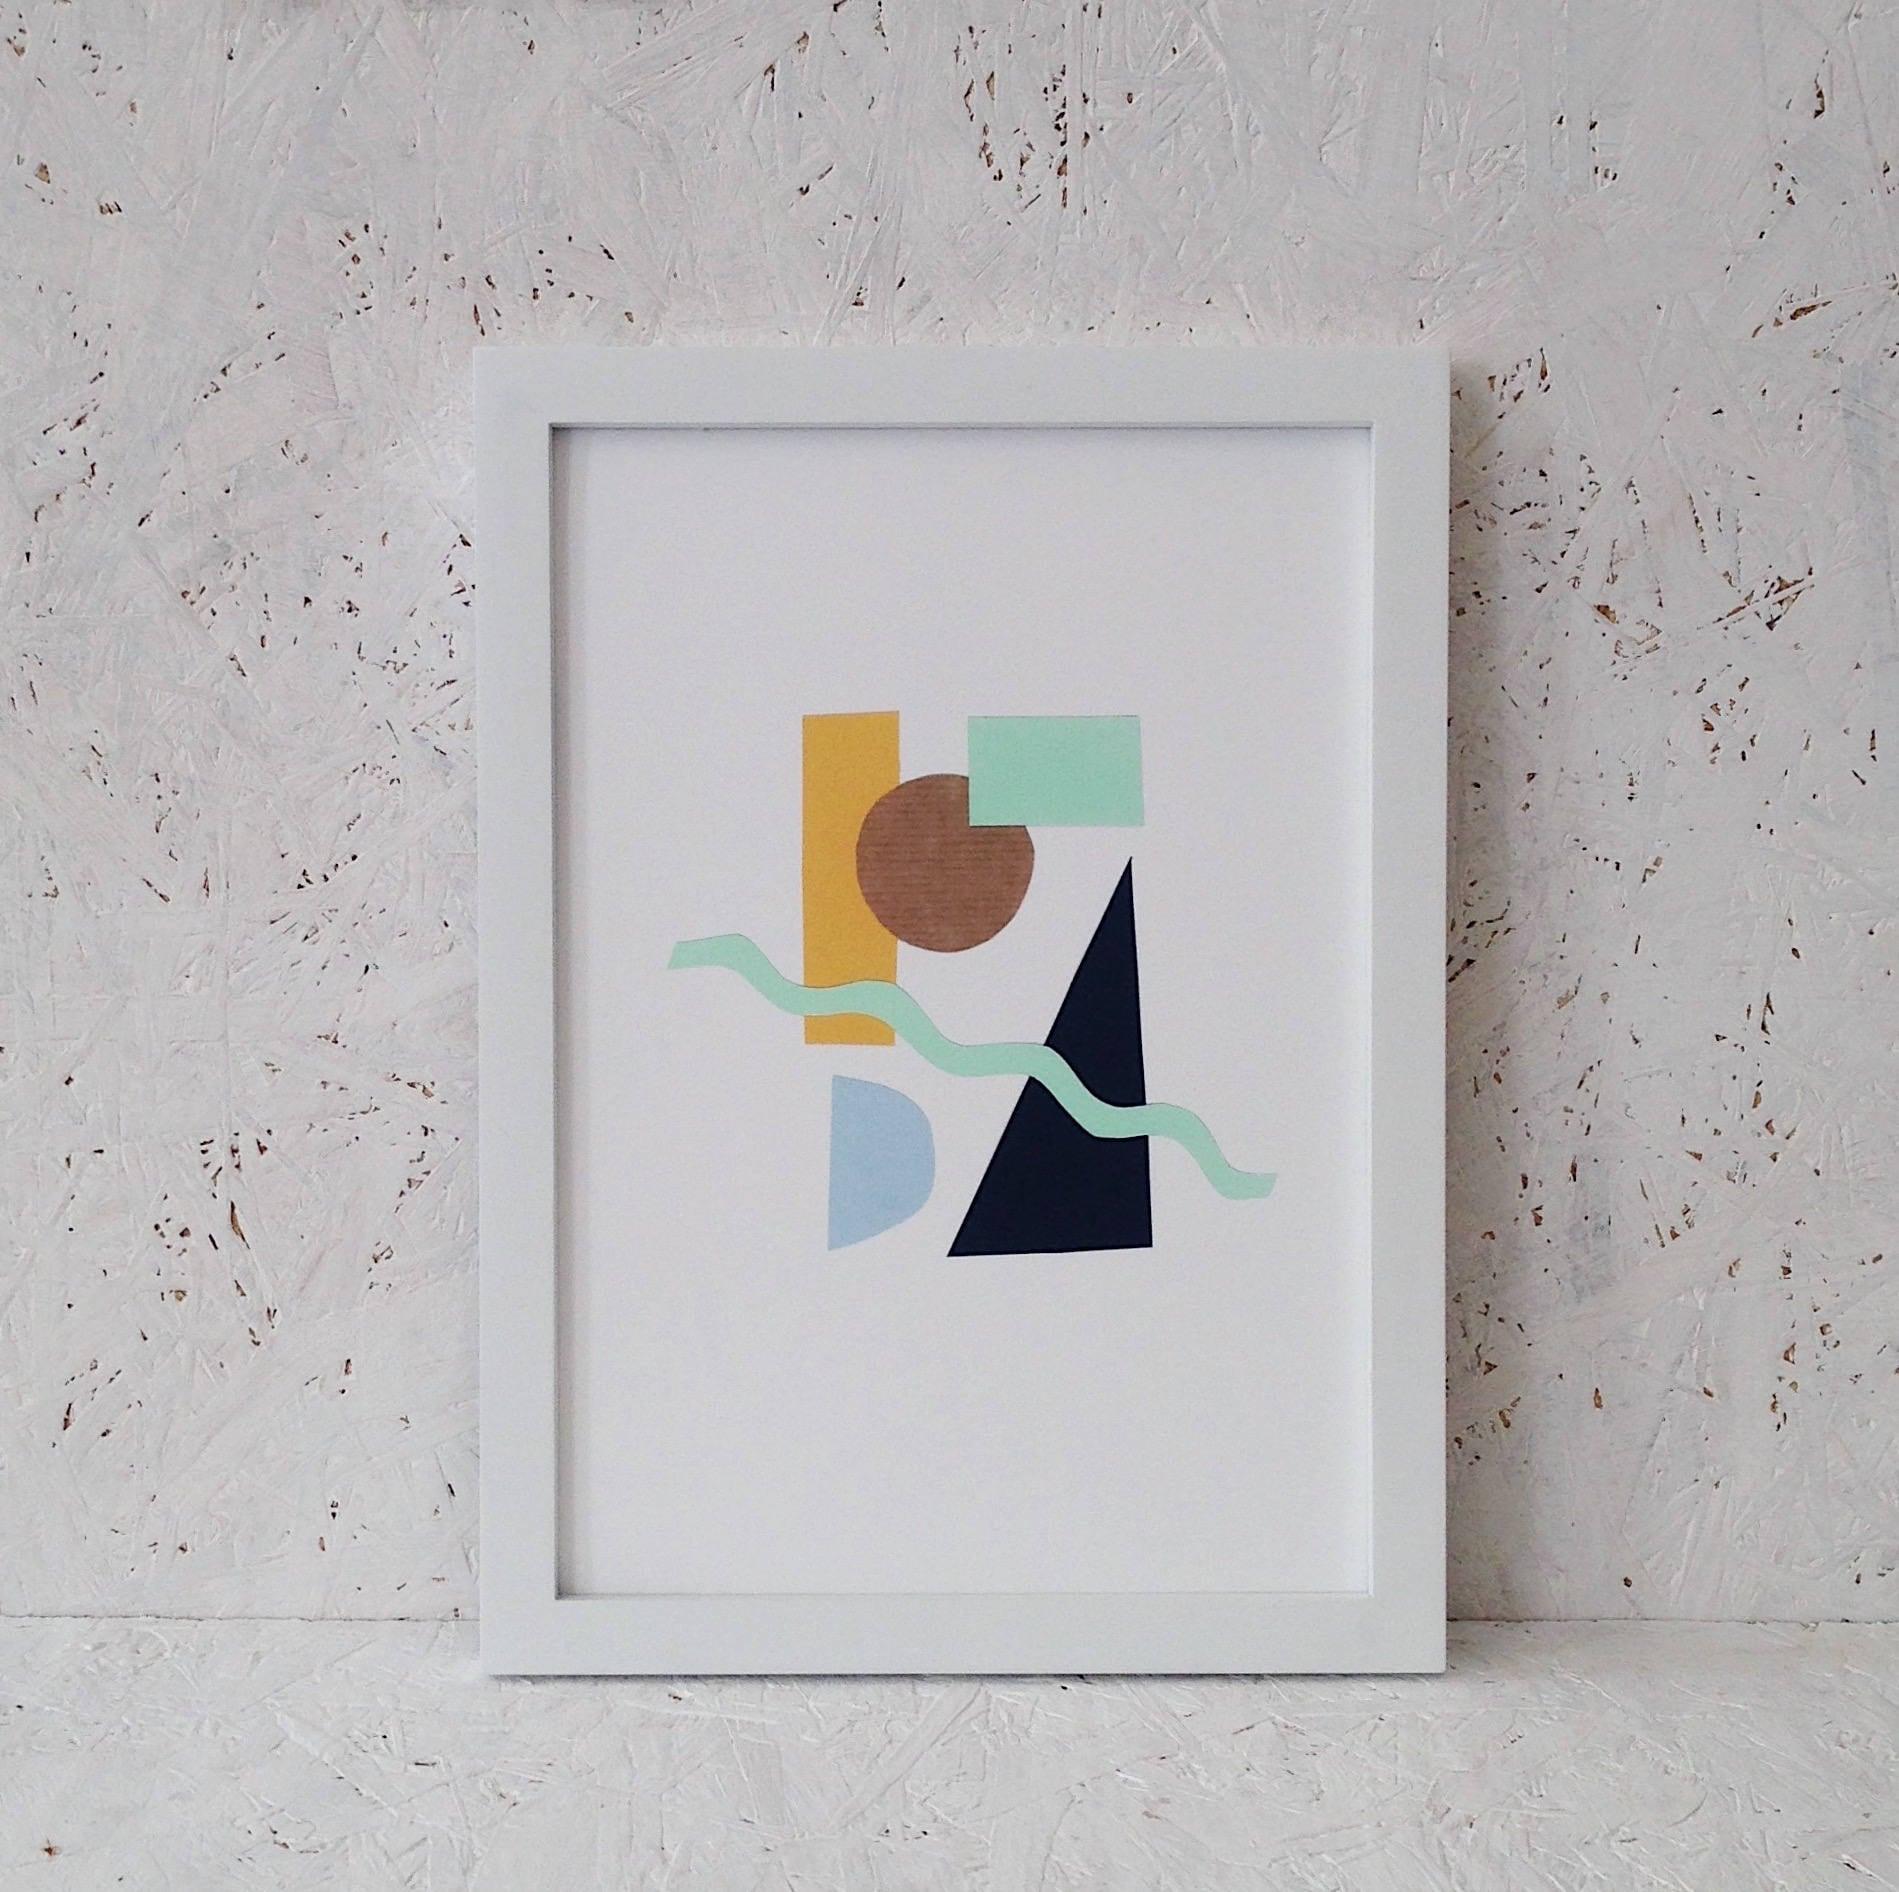 Geometrische Formen A4 drucken Kunstdruck Collage Stil